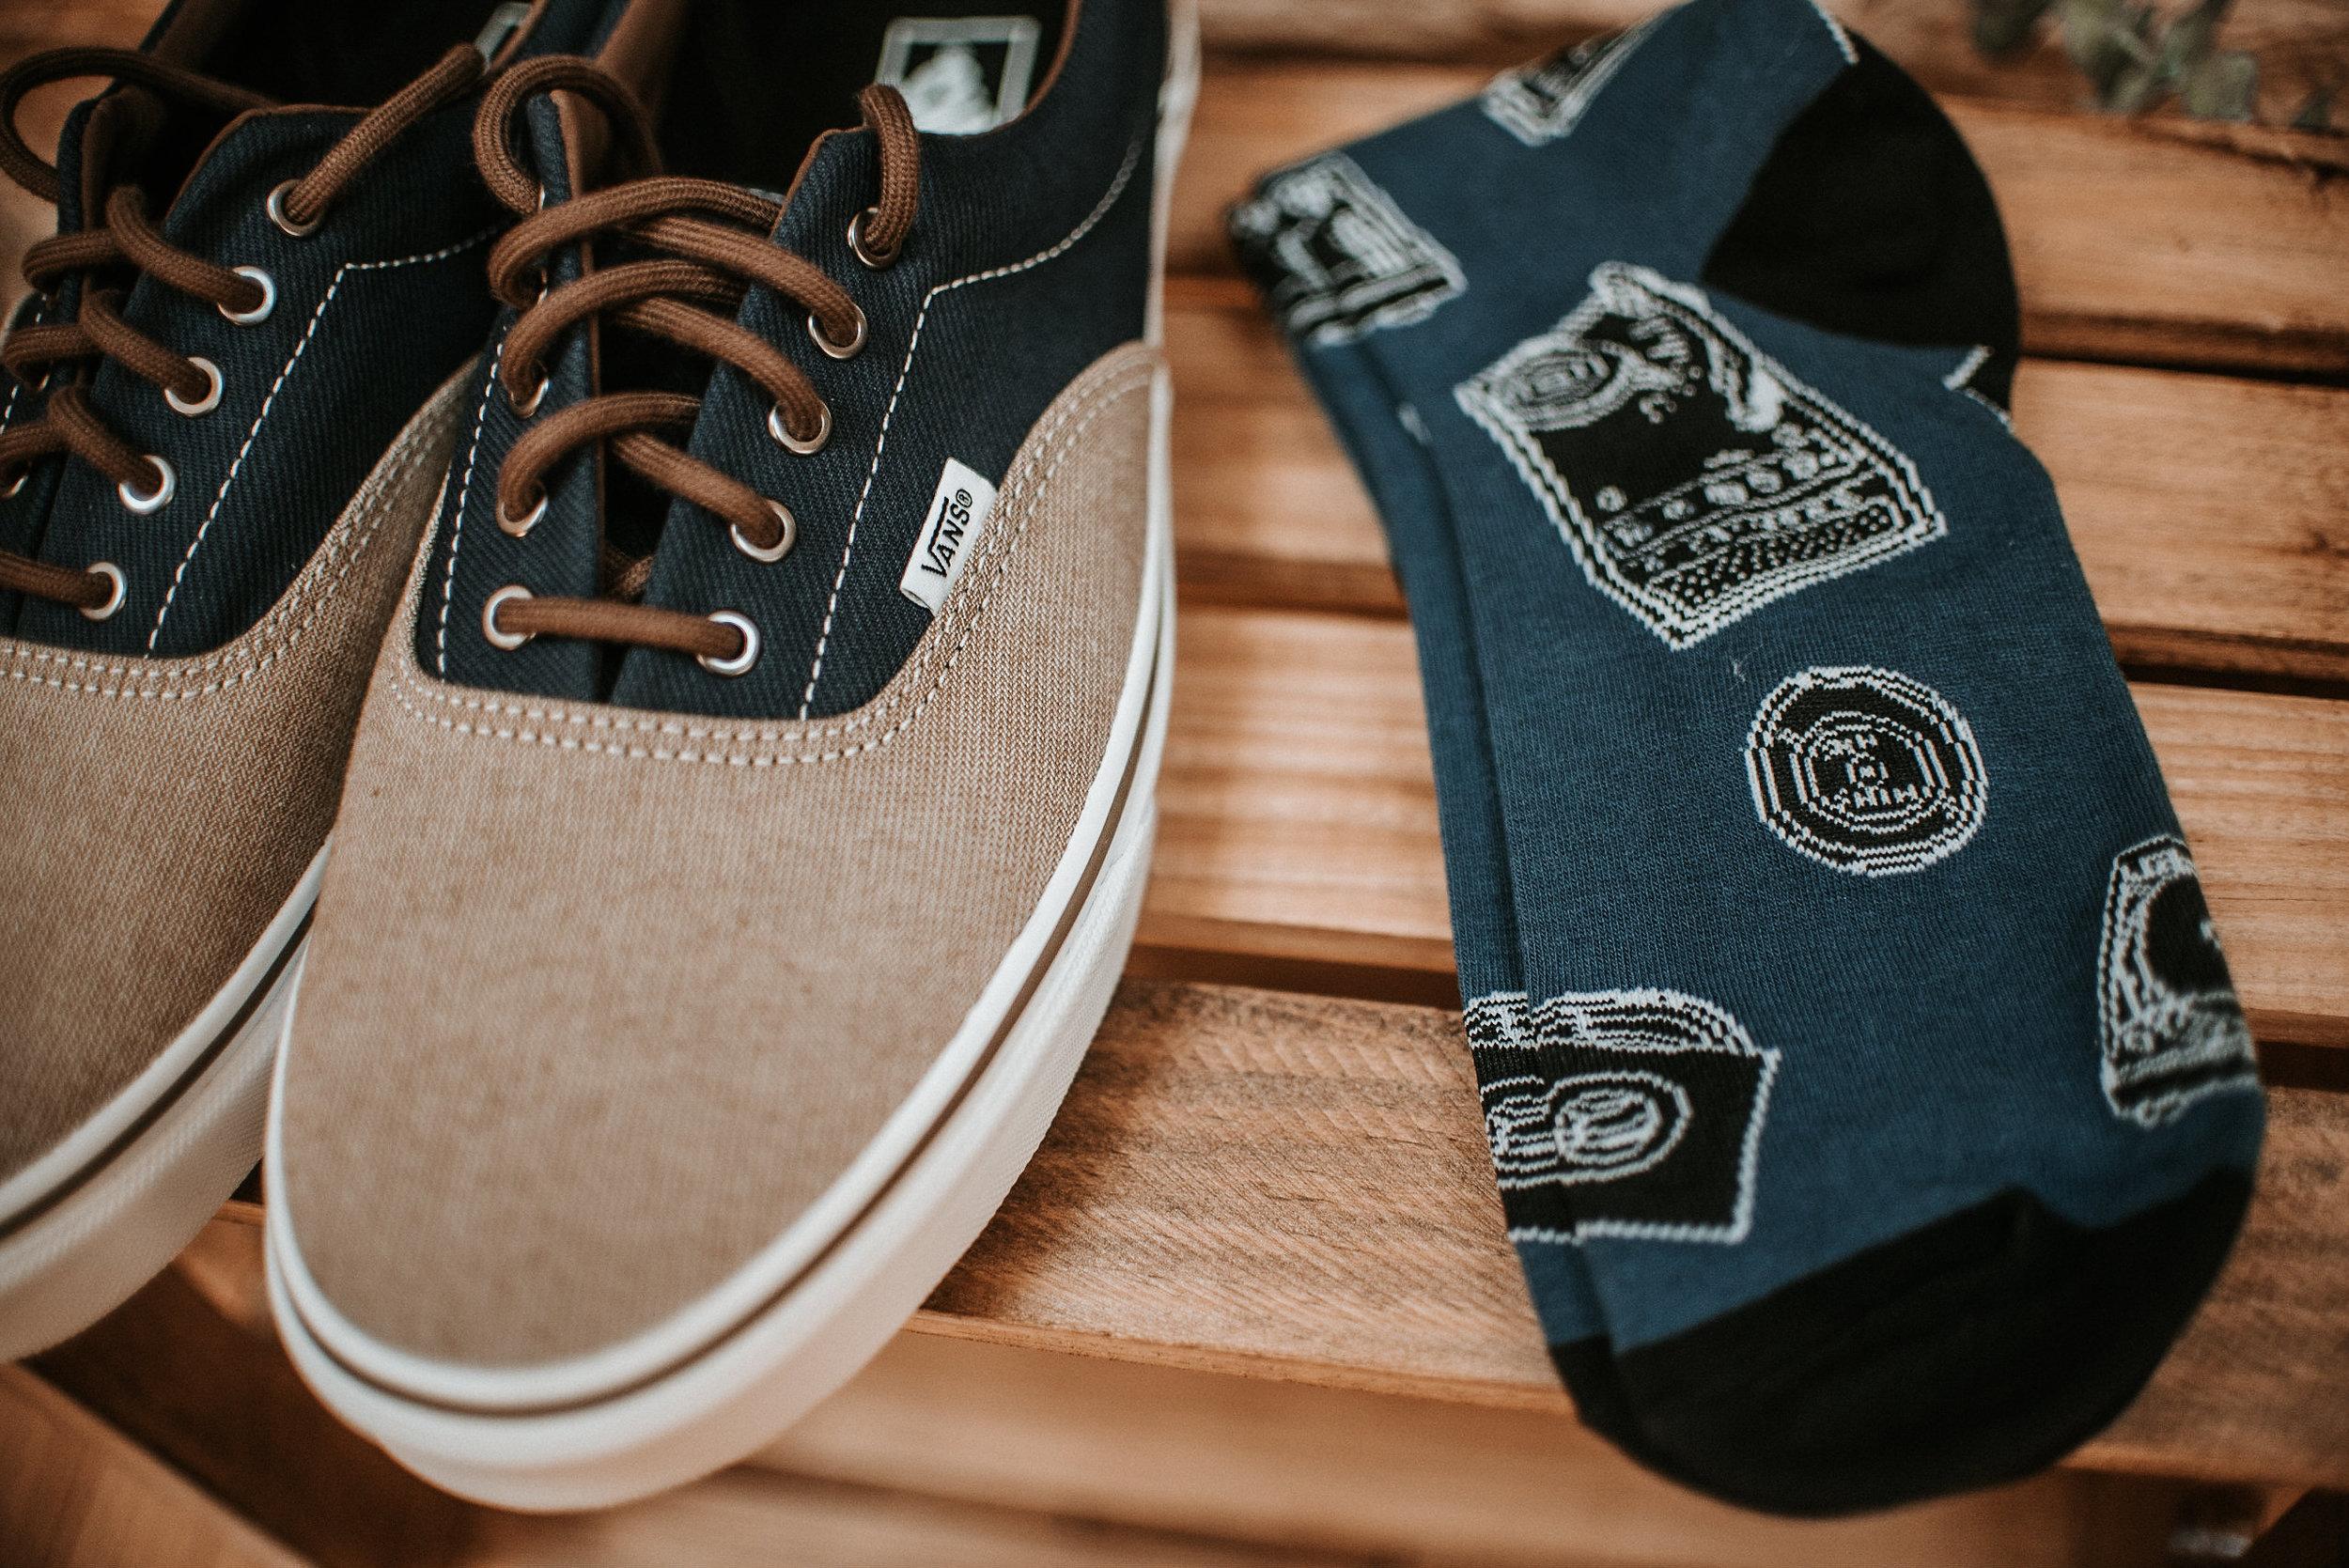 Groom's socks and vans